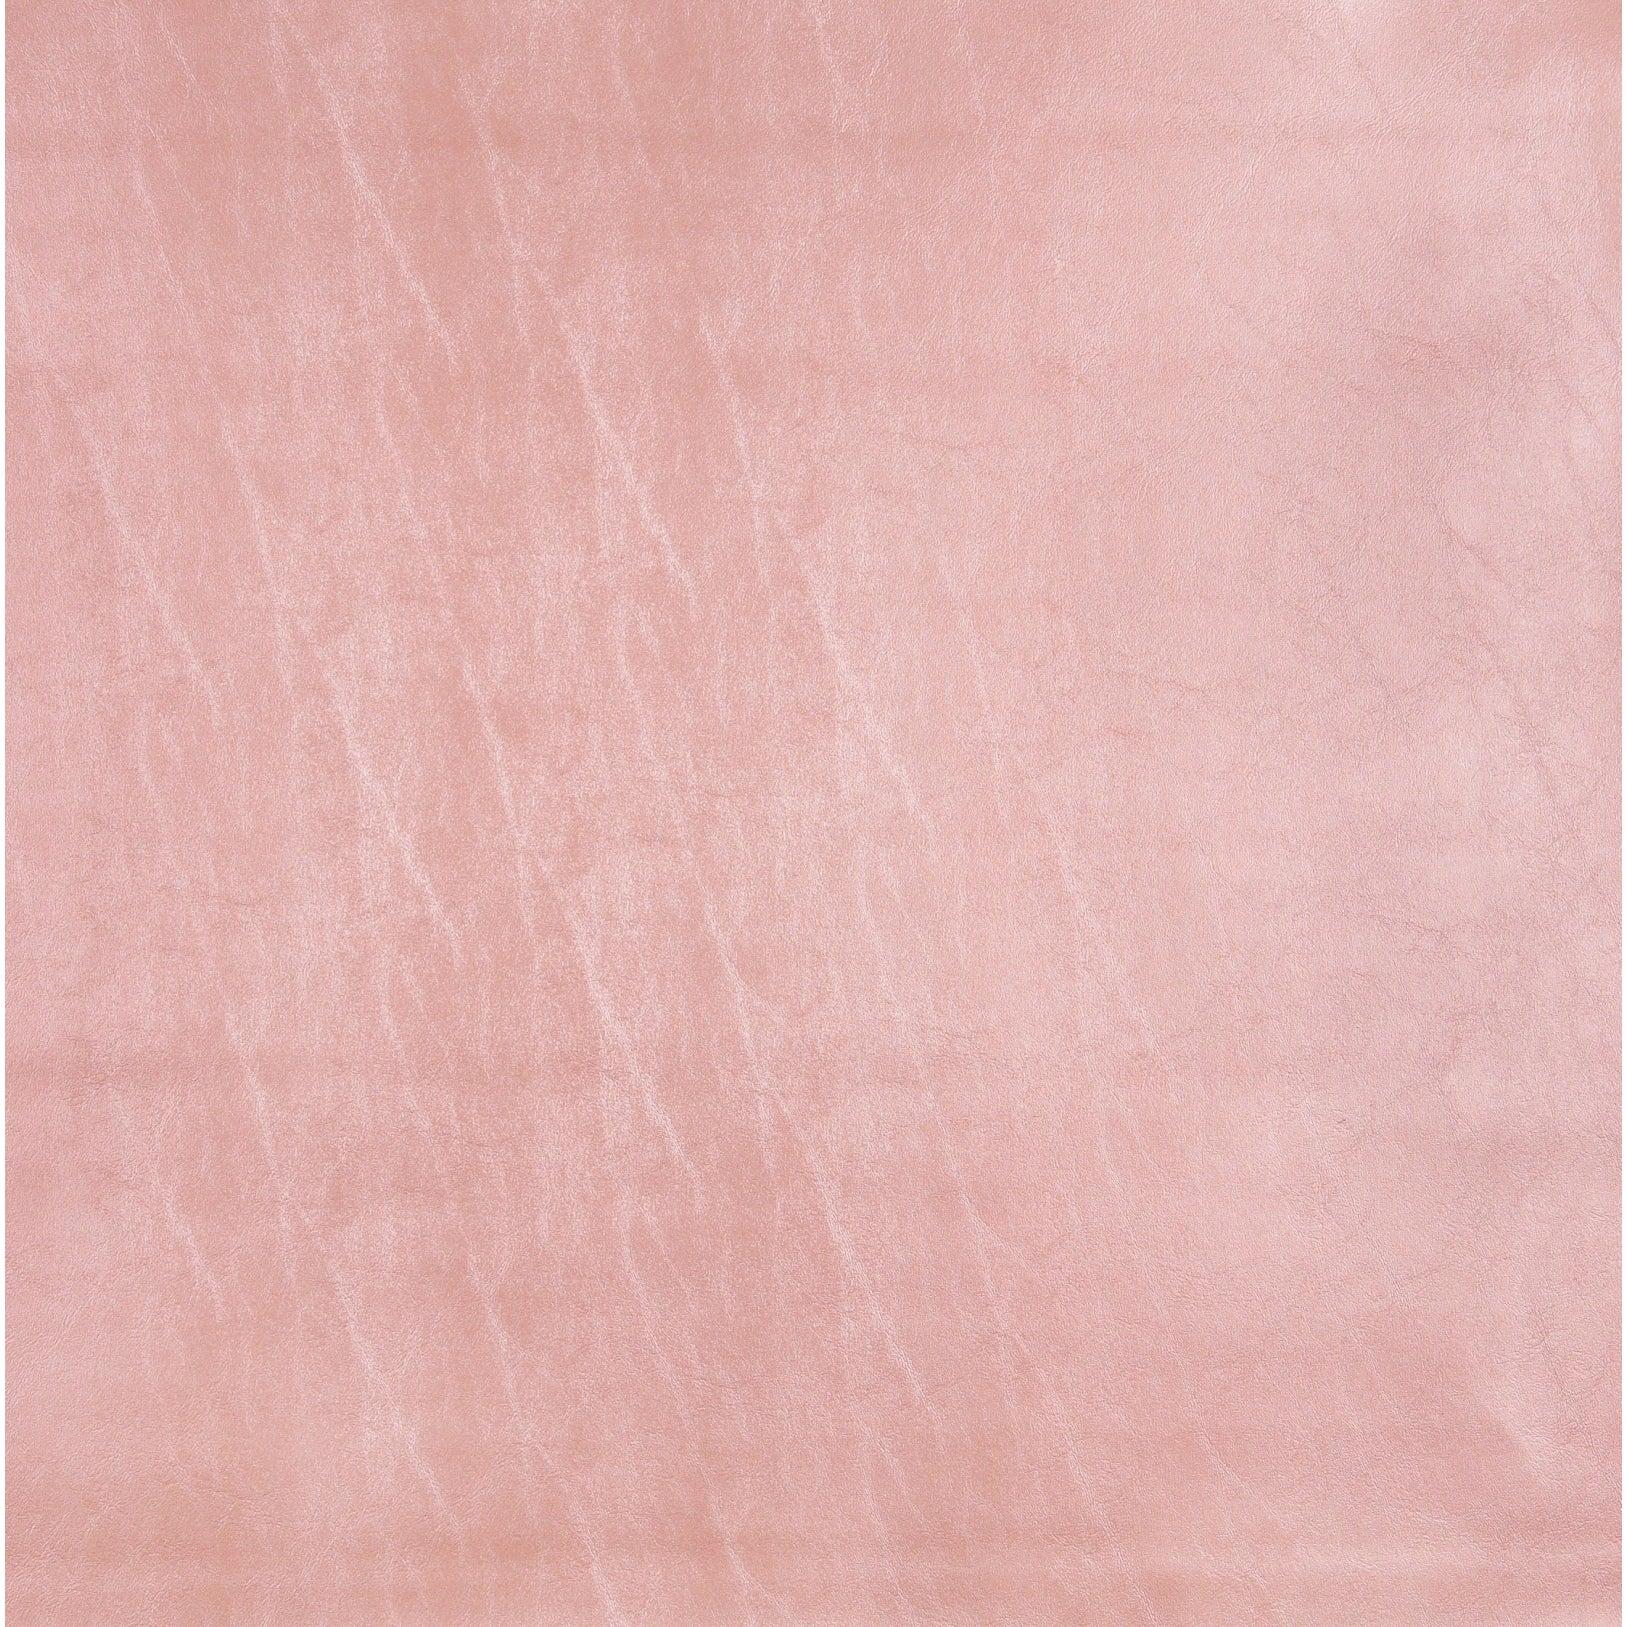 G143 Peach Shiny Marine Grade Upholstery Vinyl (By The Ya...